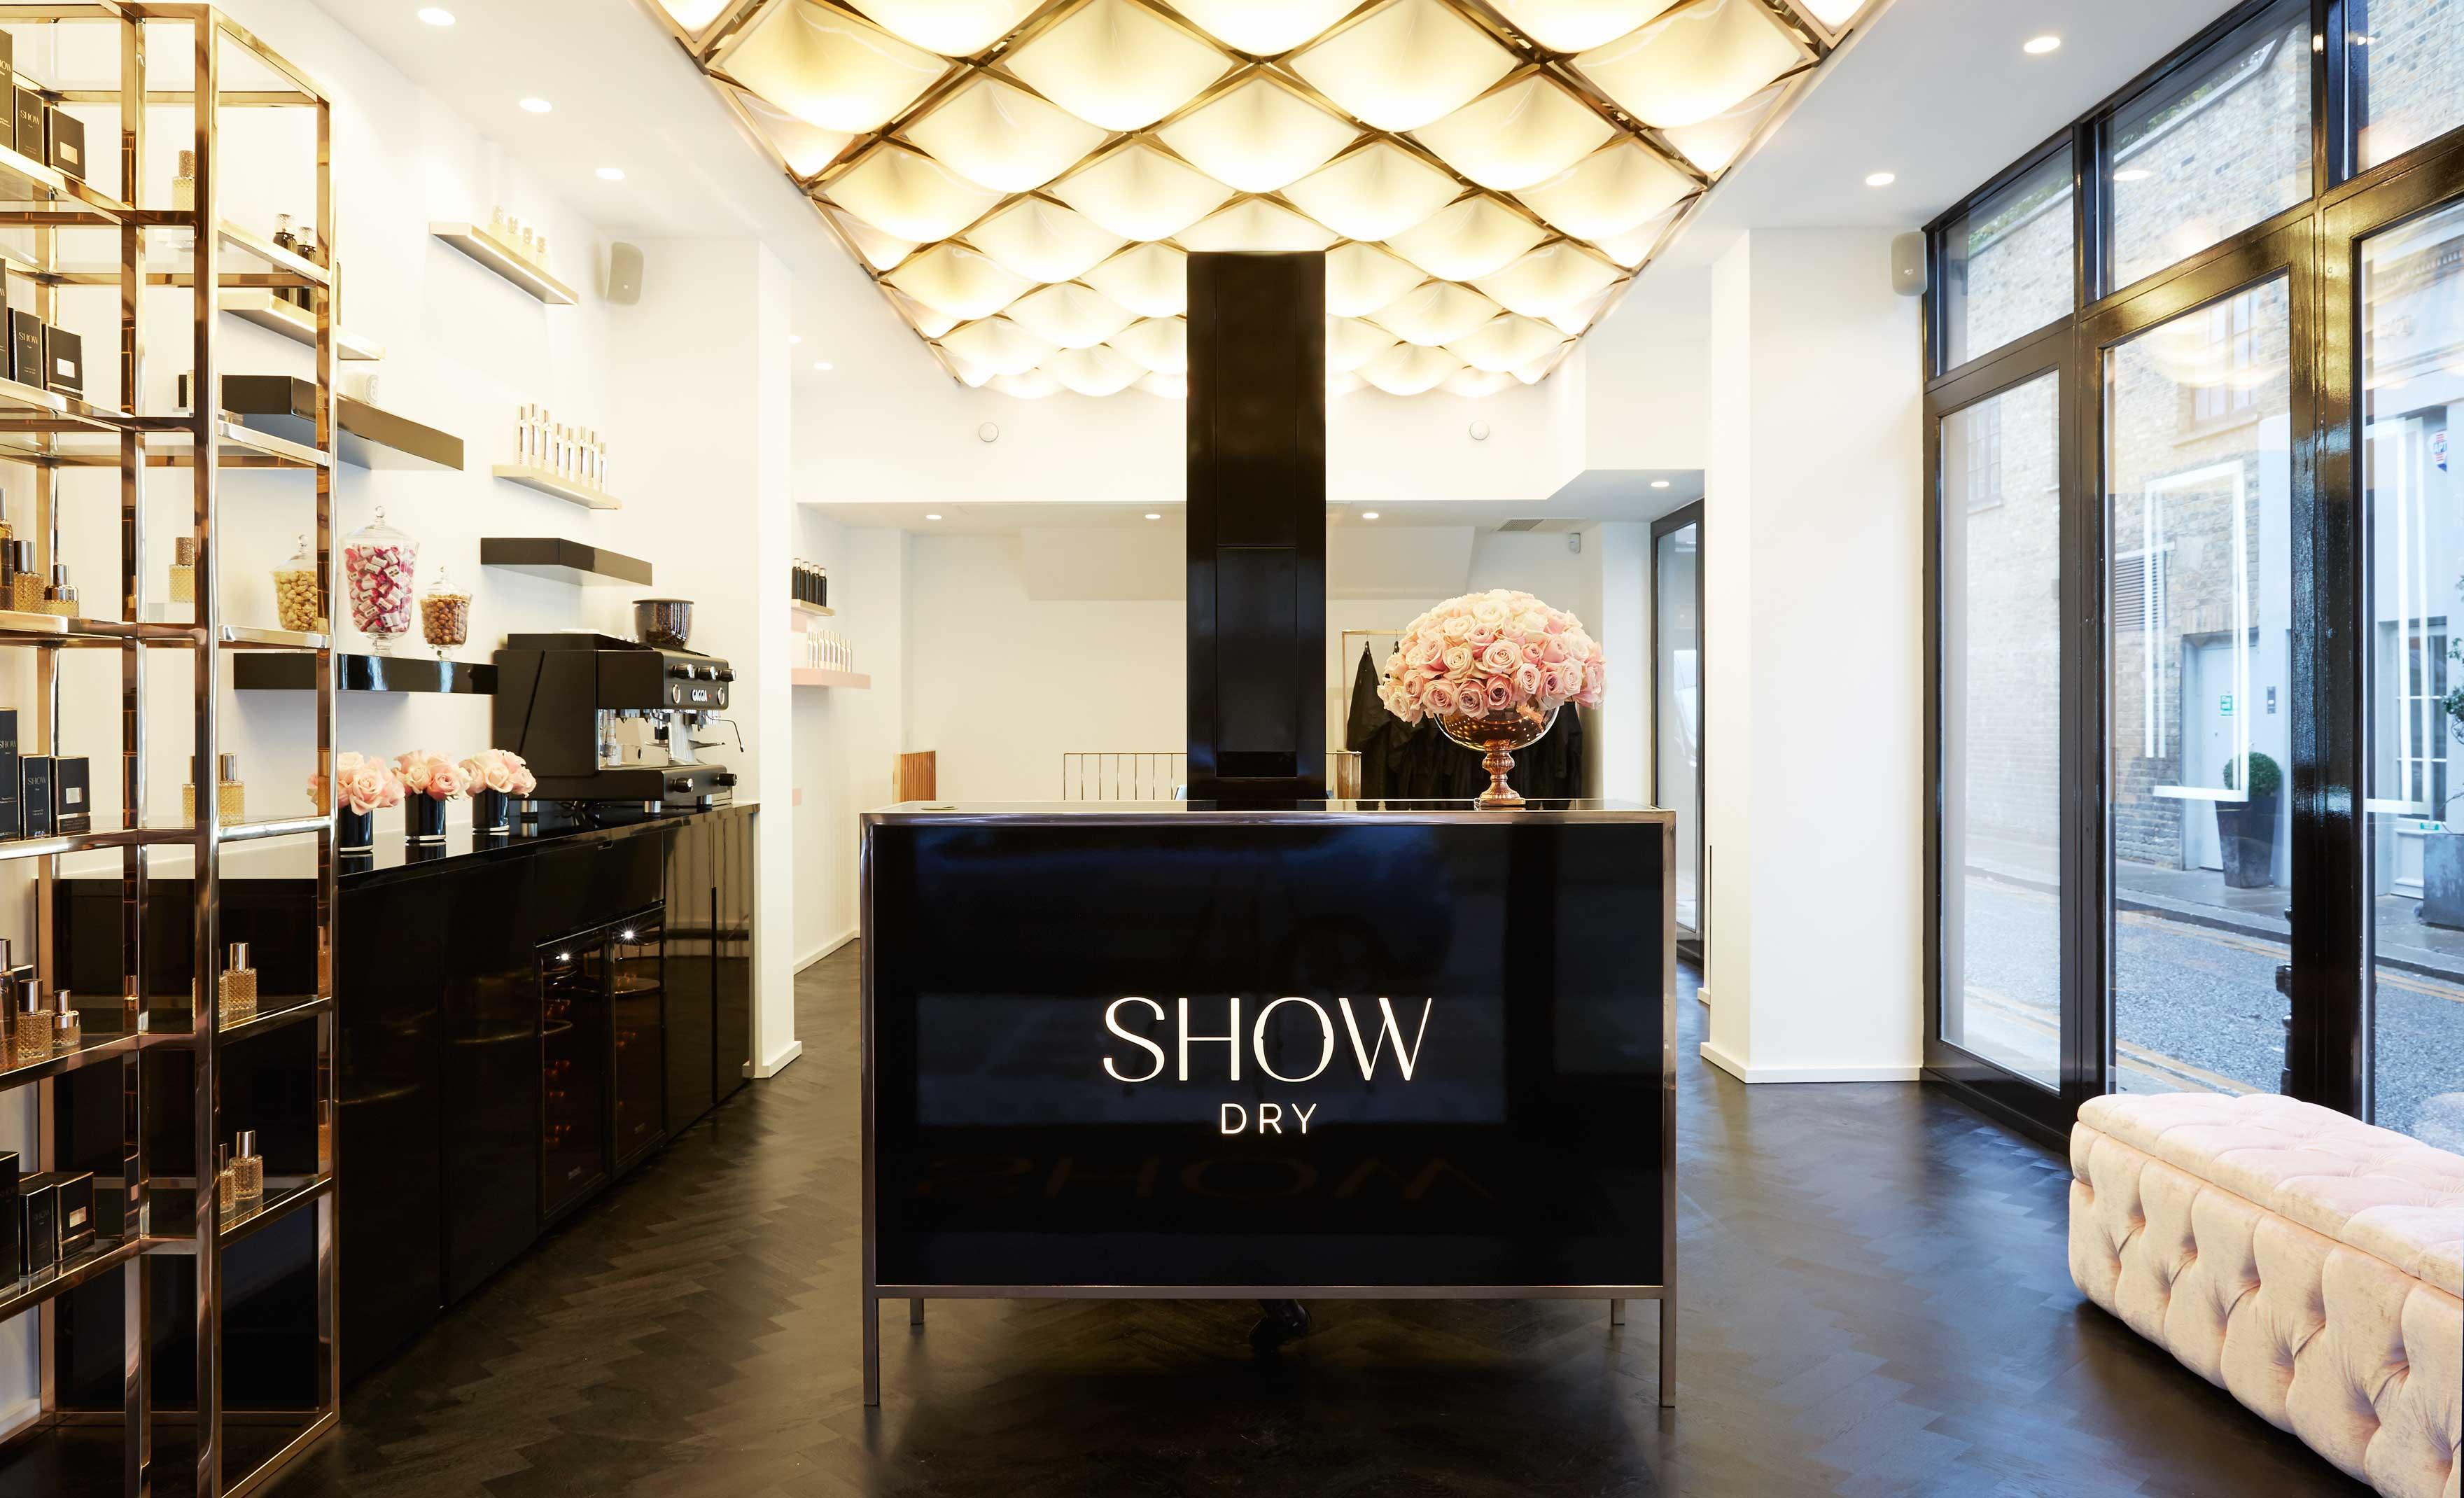 beauty salon lighting. Beauty Salon Lighting. A Stunning Flagship For New Luxury Brand. Lighting N